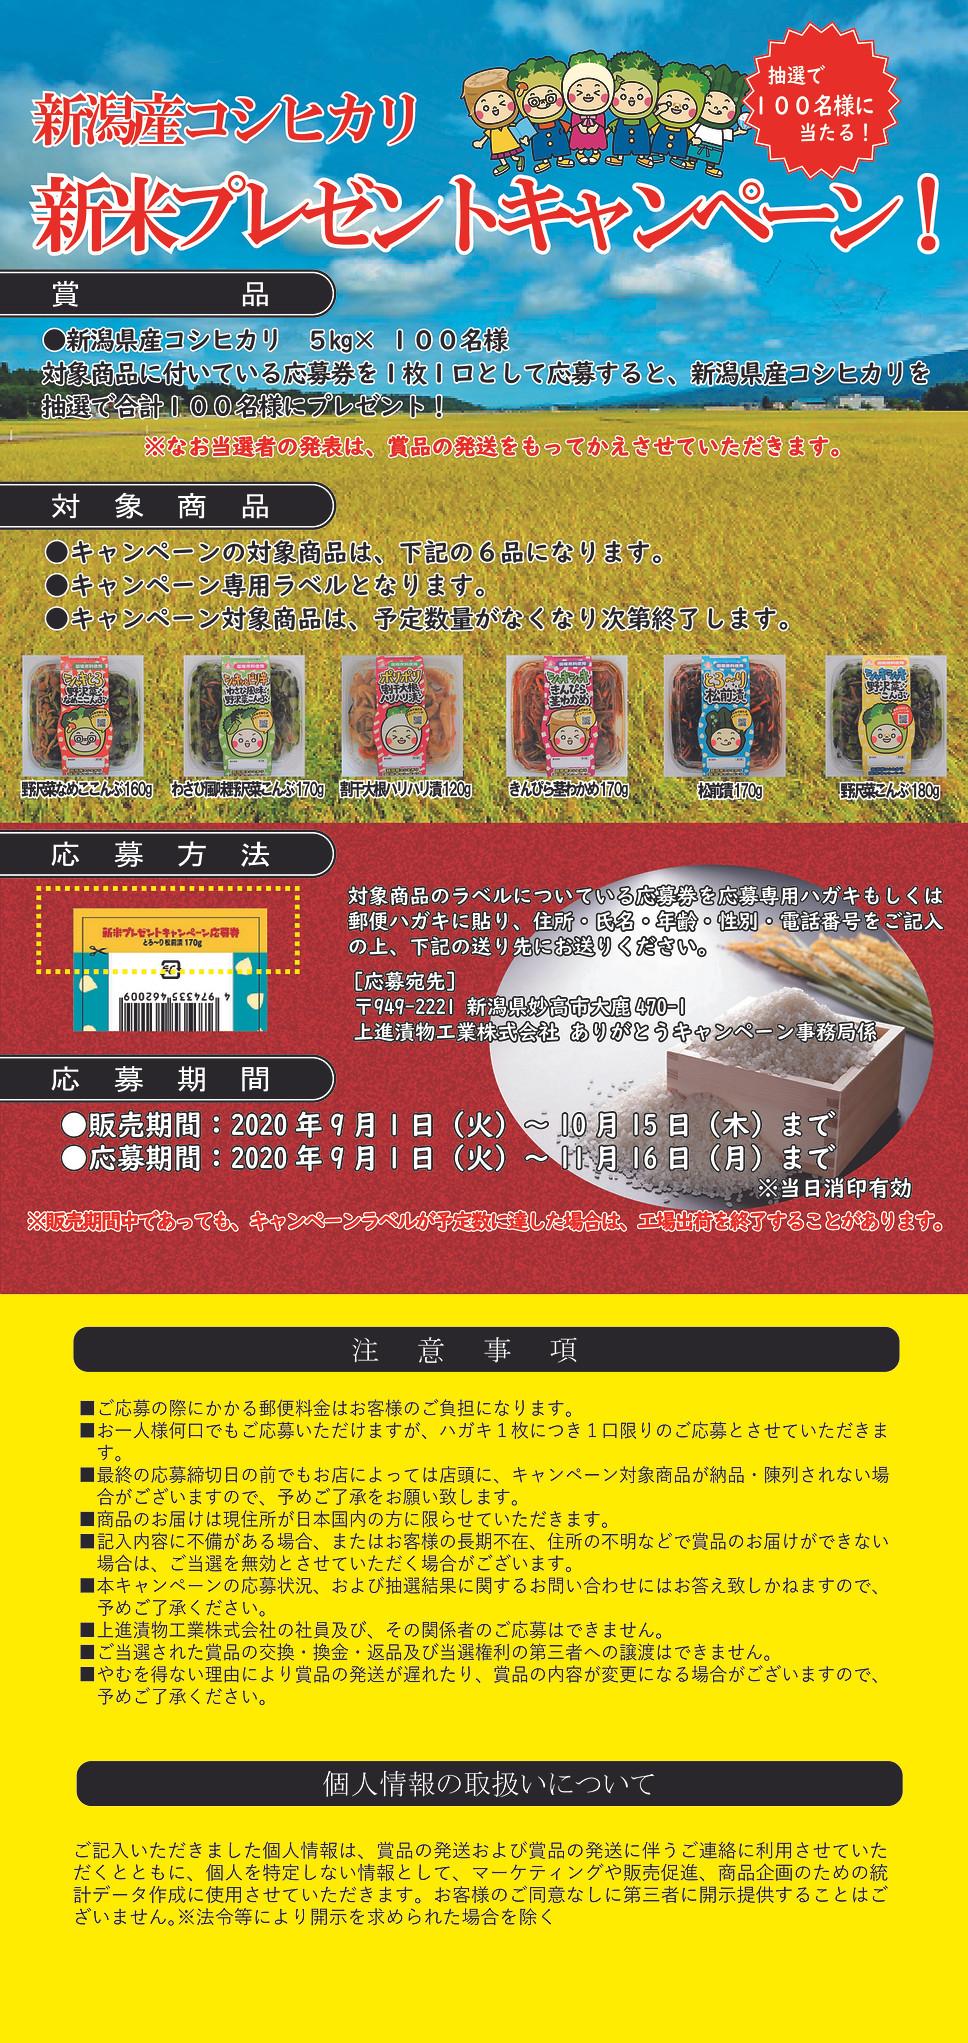 キャンペーン2020:HP用(大ページ).jpg